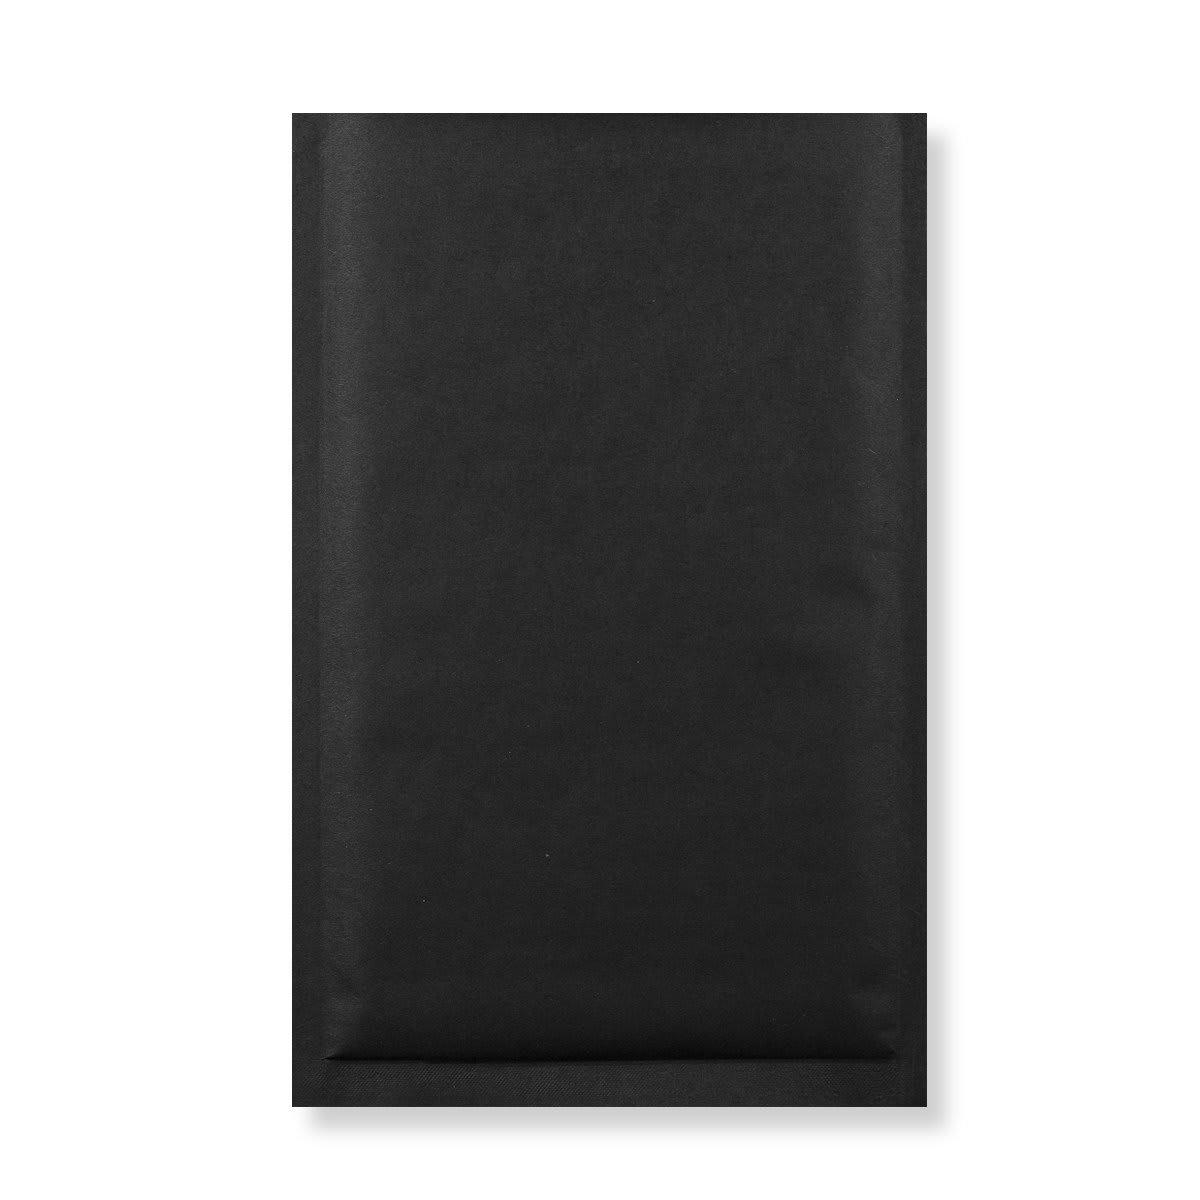 270 x 190MM BLACK PADDED BUBBLE ENVELOPES